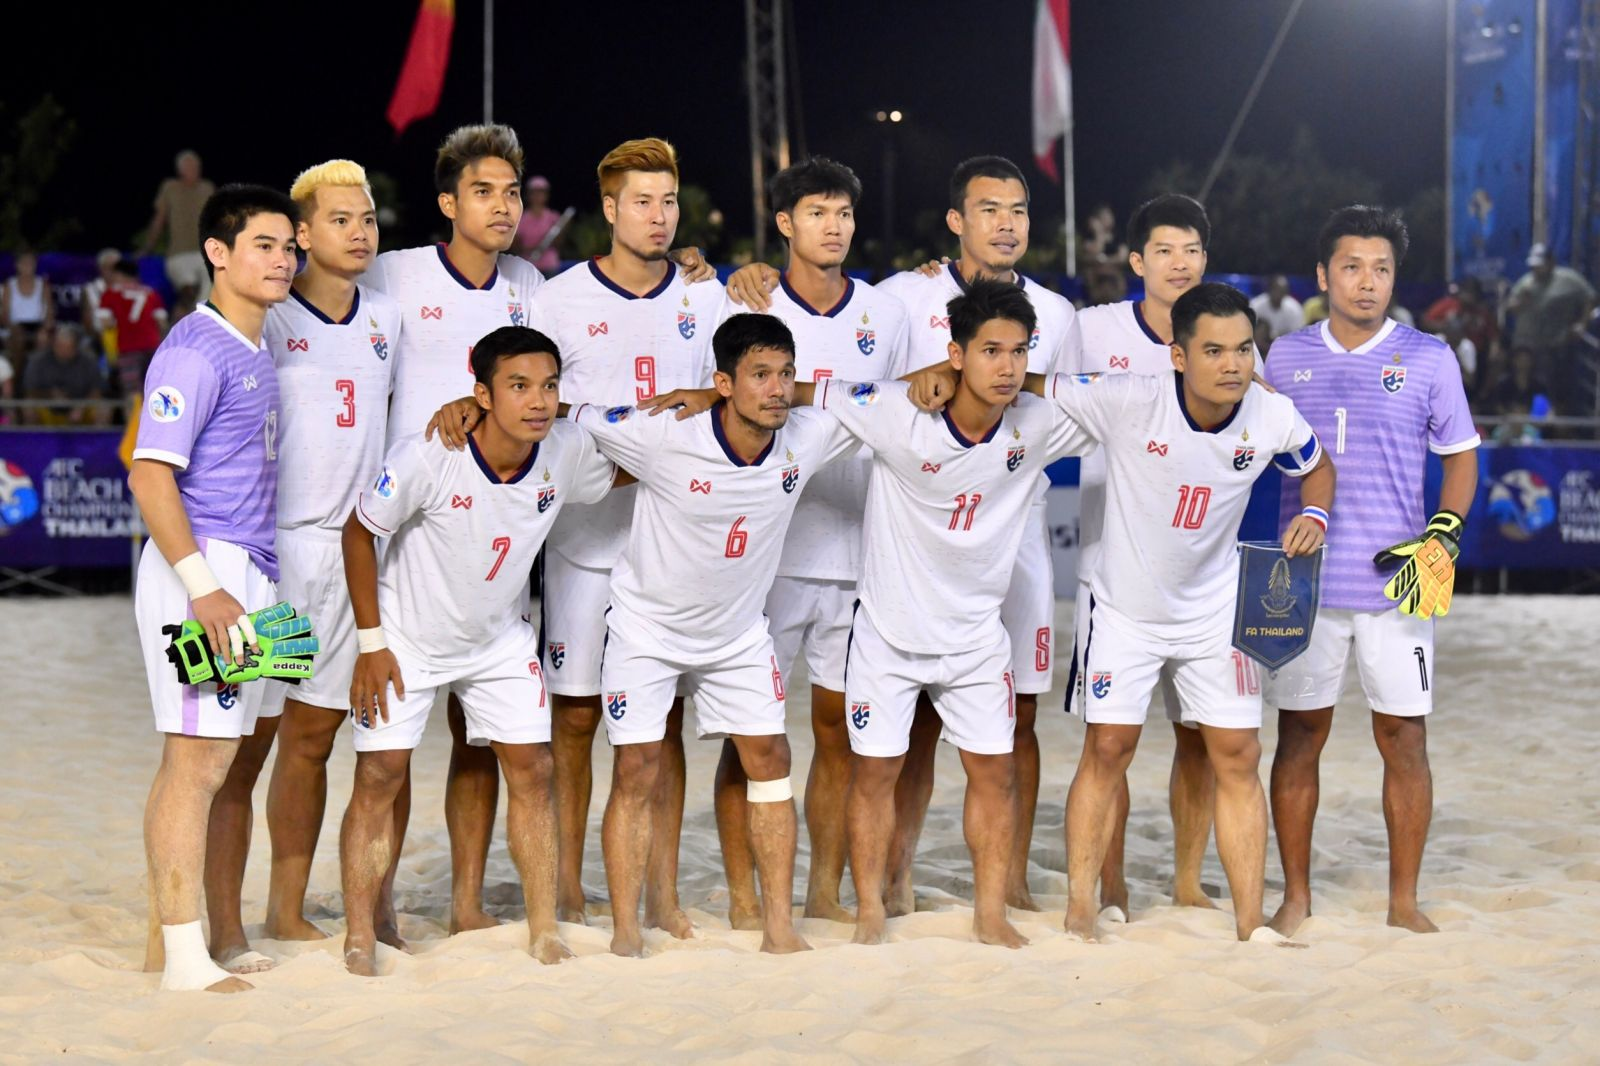 เอเอฟซียกเลิกฟุตซอลเอเชีย-ฟุตบอลชายหาดเอเชีย